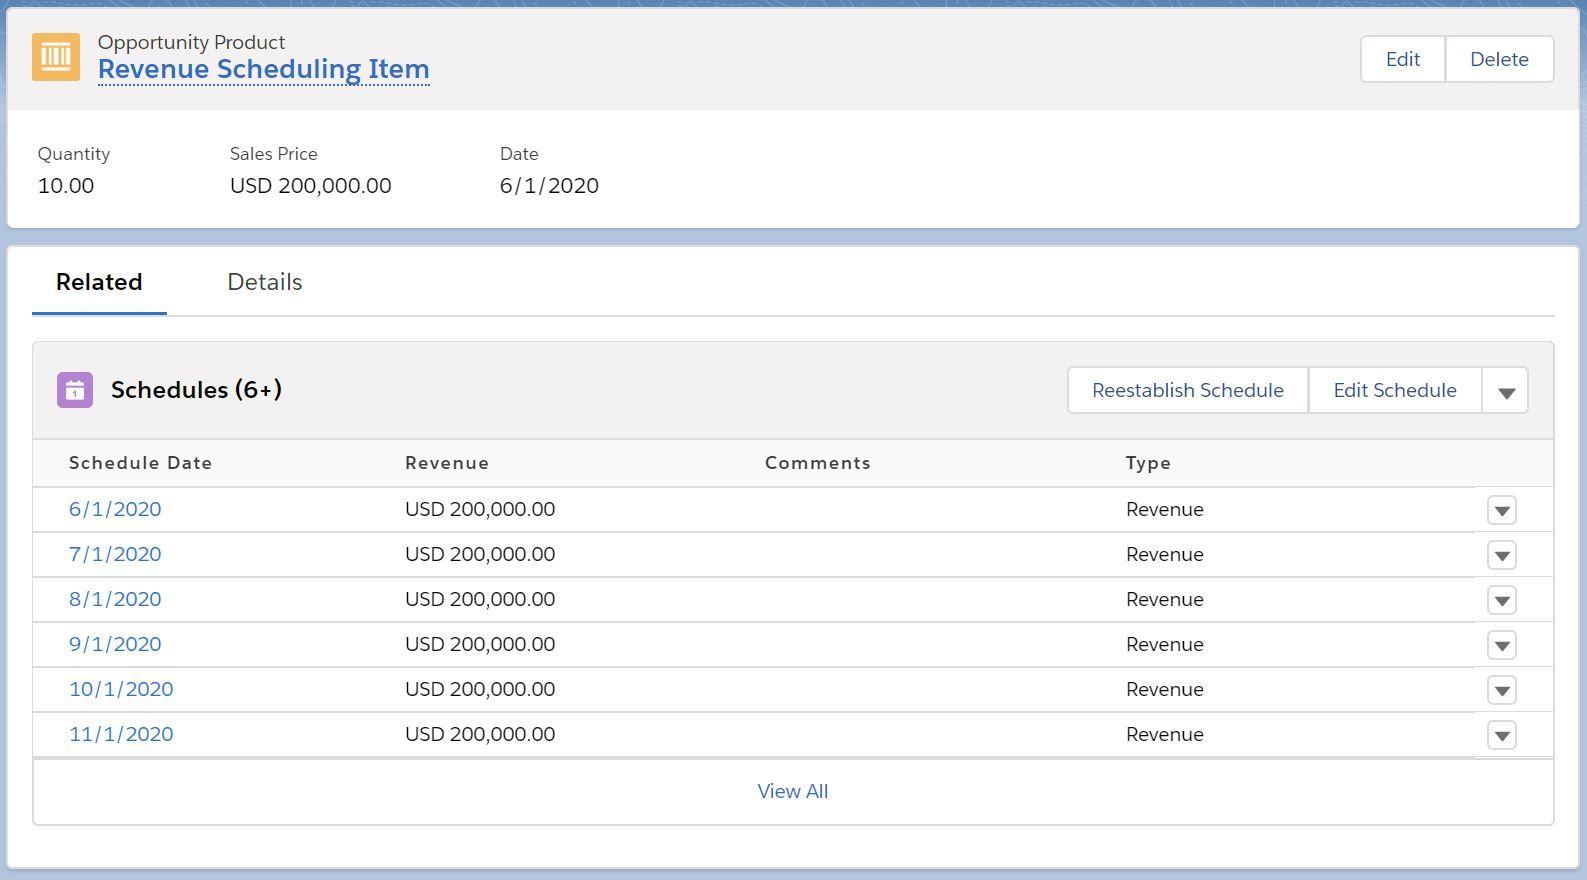 revenue-scheduling-item-1